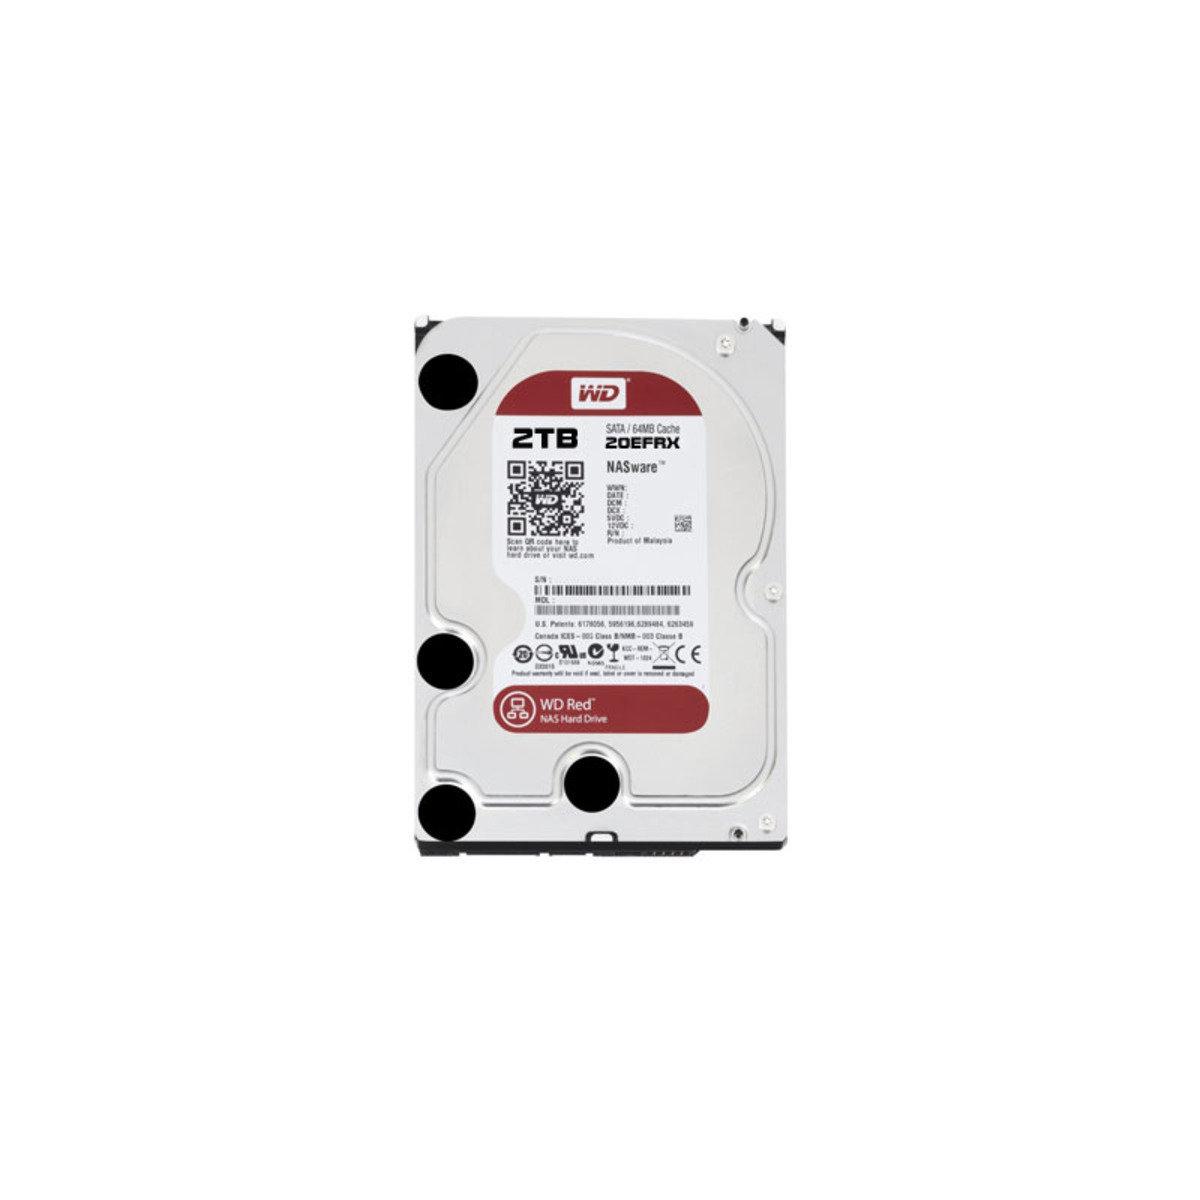 3.5 吋 NAS 專用 2TB SATA 內置硬碟 20EFRX